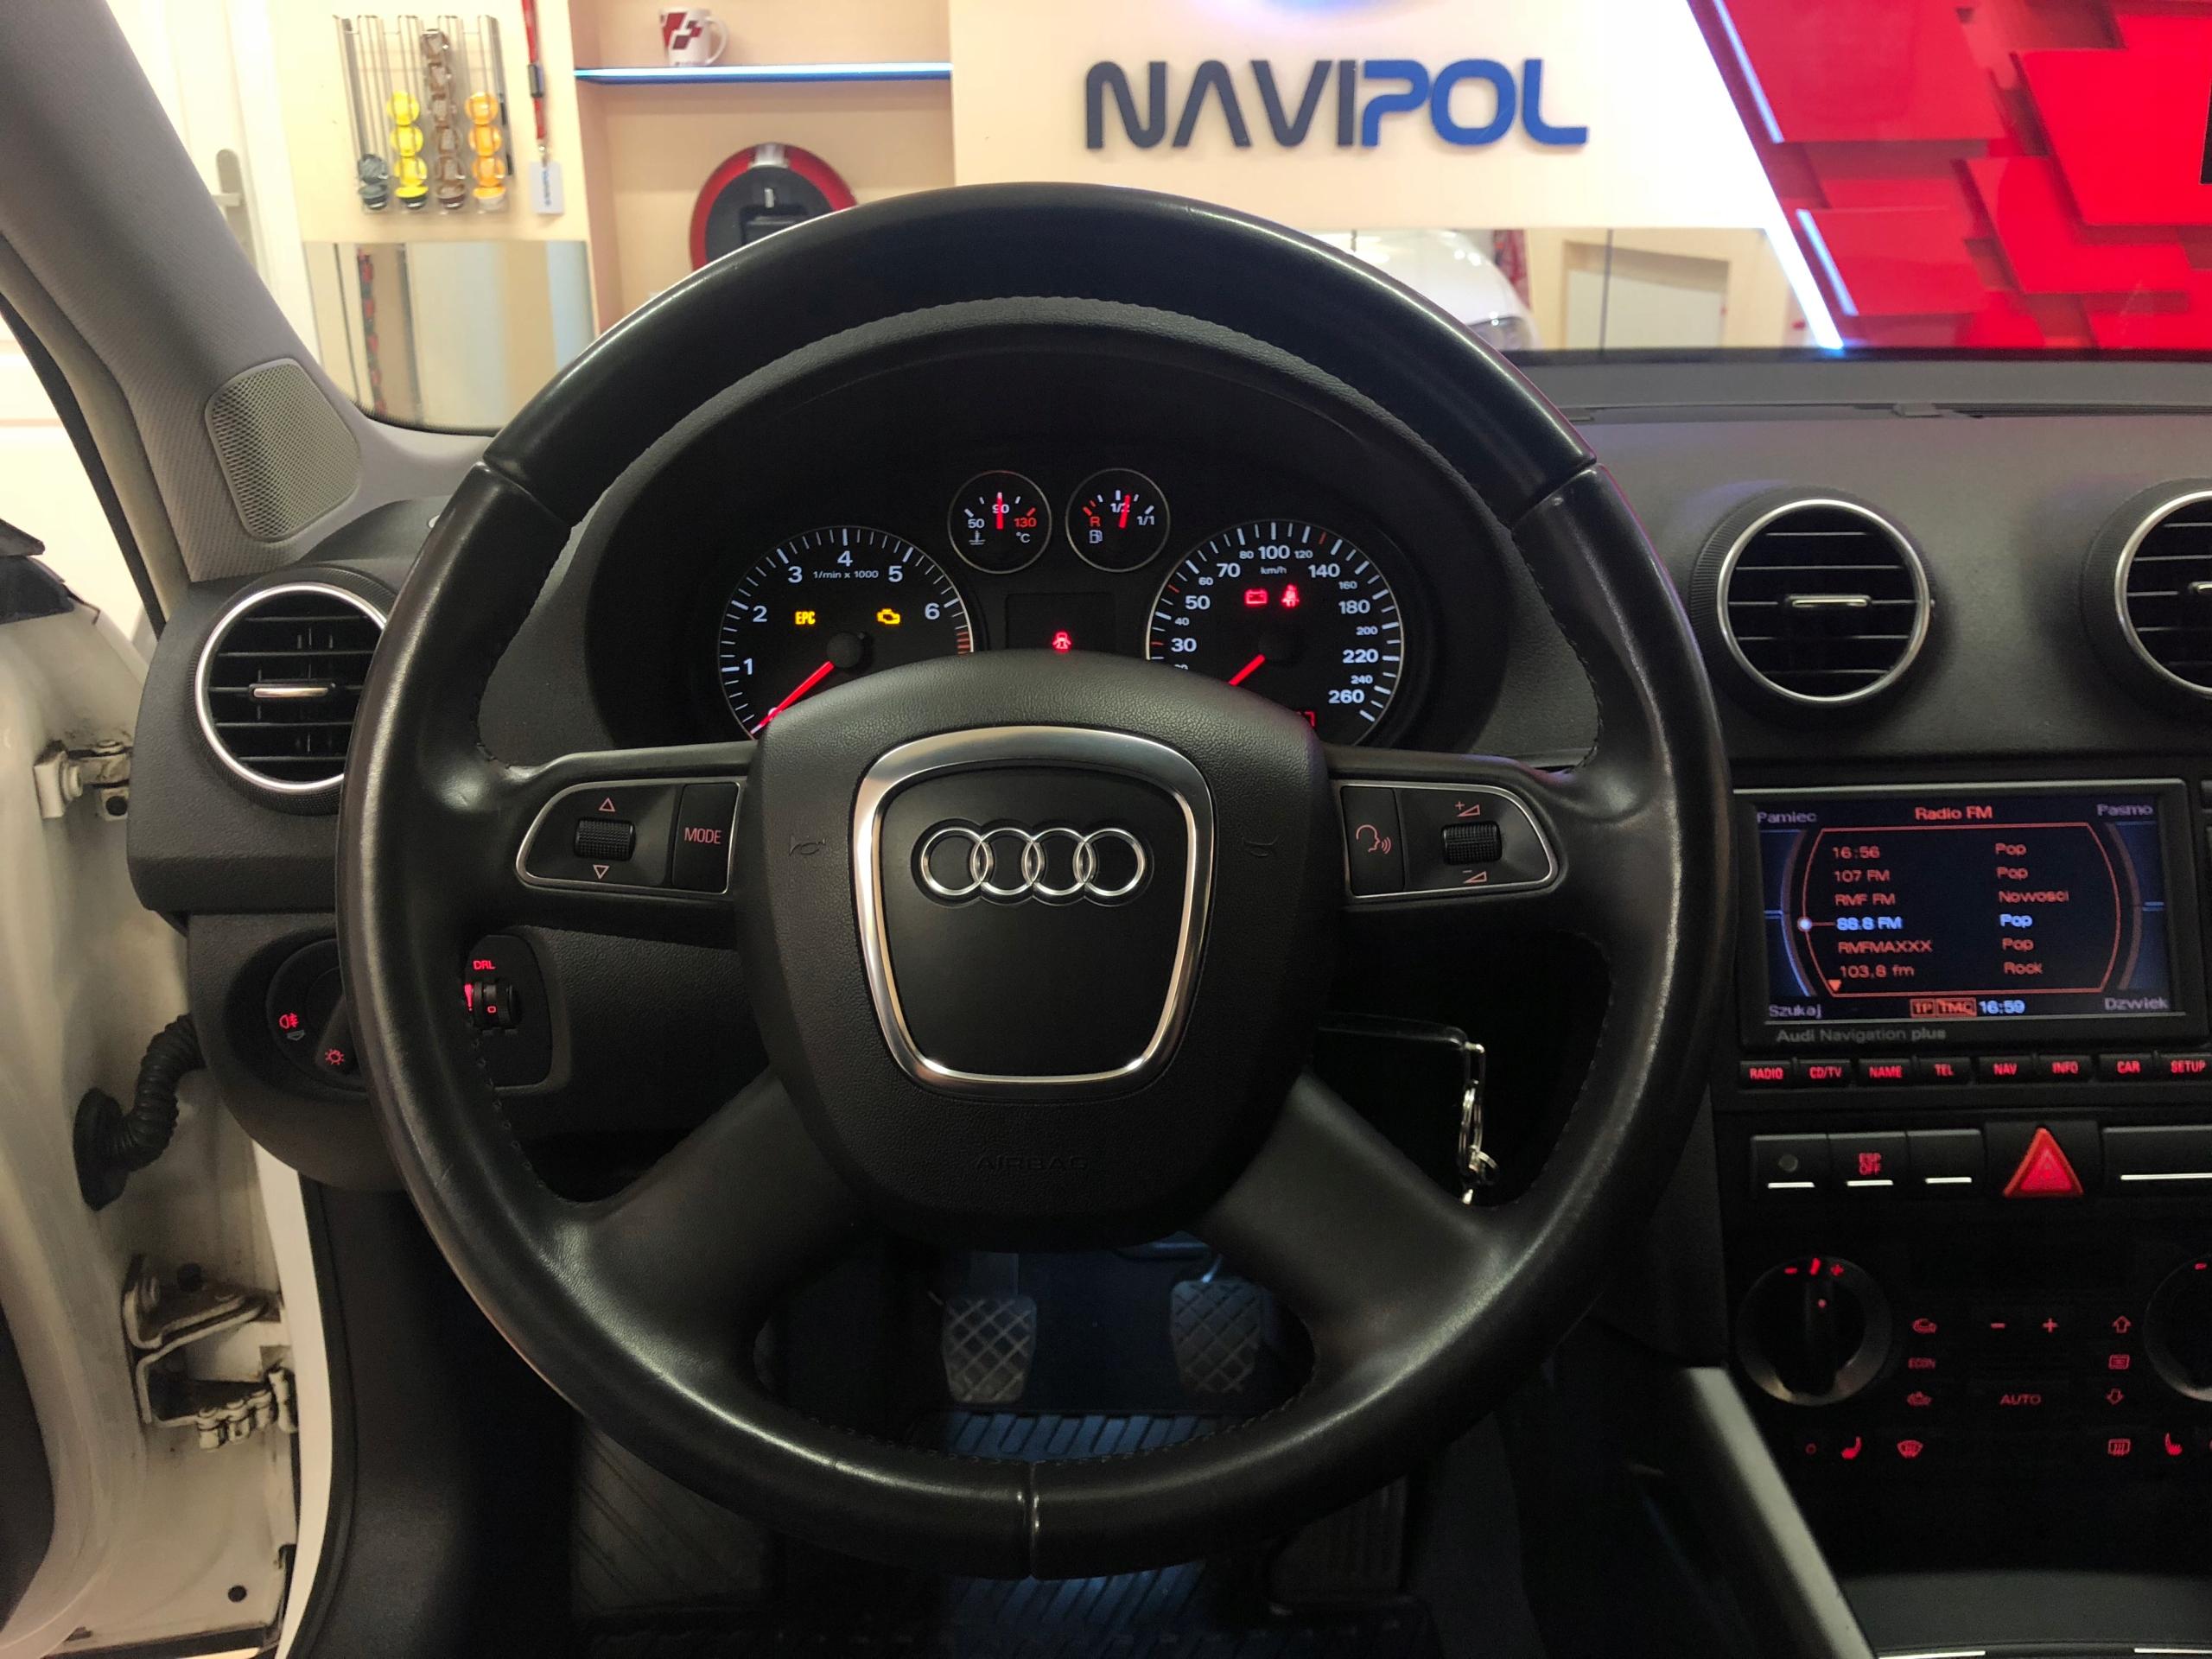 Multifunctional Steering Wheel Audi A3 S3 Rs3 8p Xdalys Lt